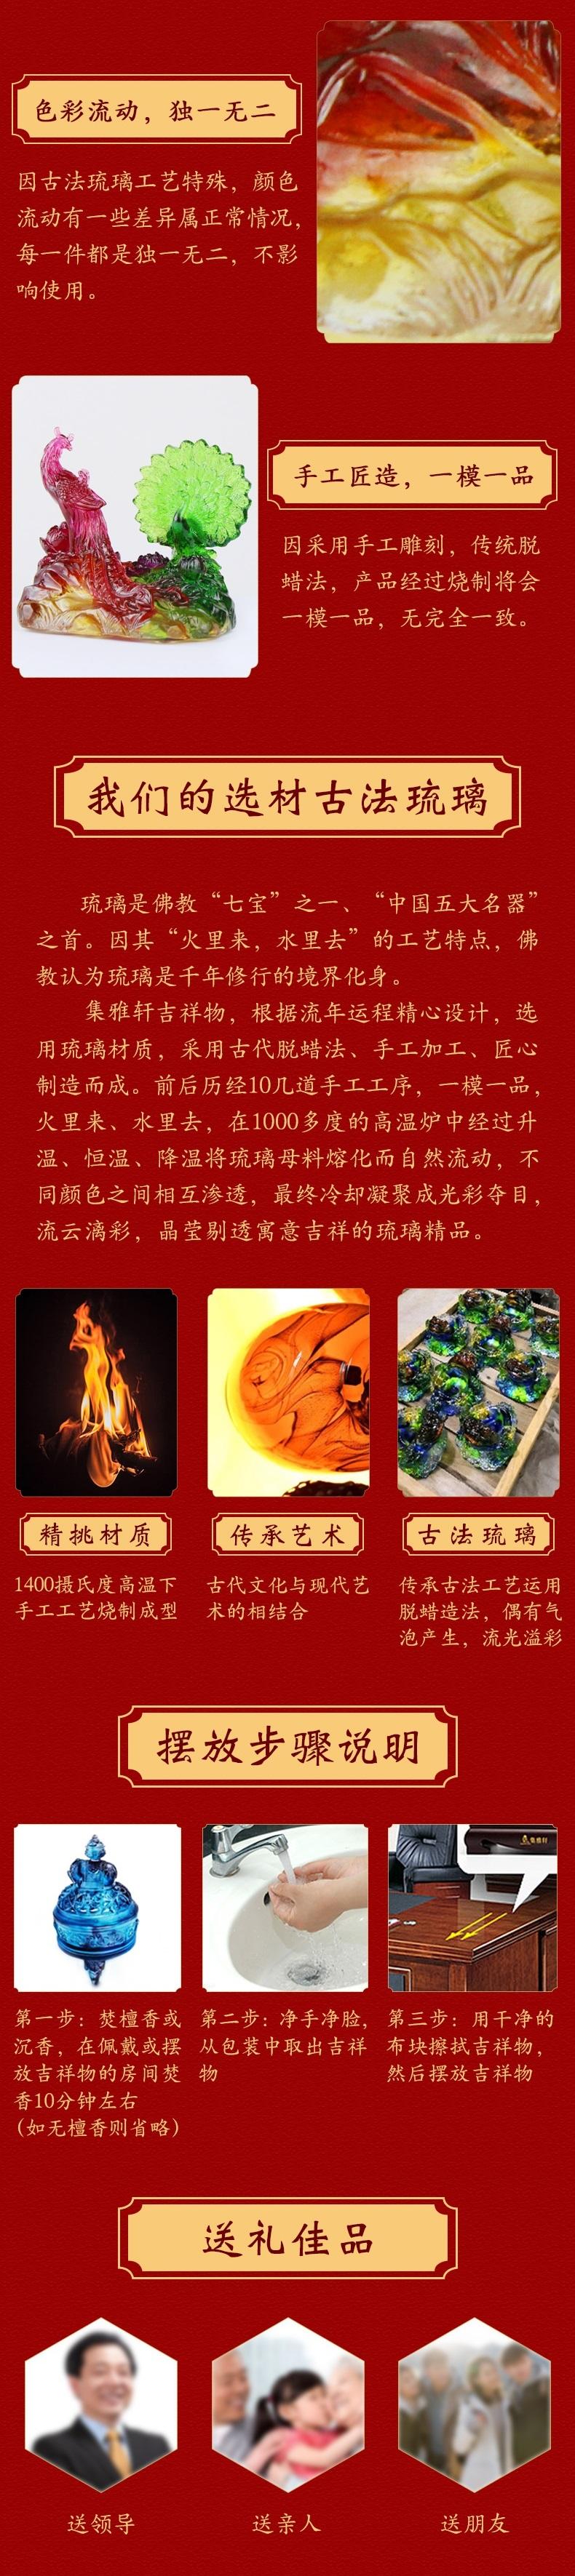 宋韶光属虎吉祥物凤雀迎春(图5)